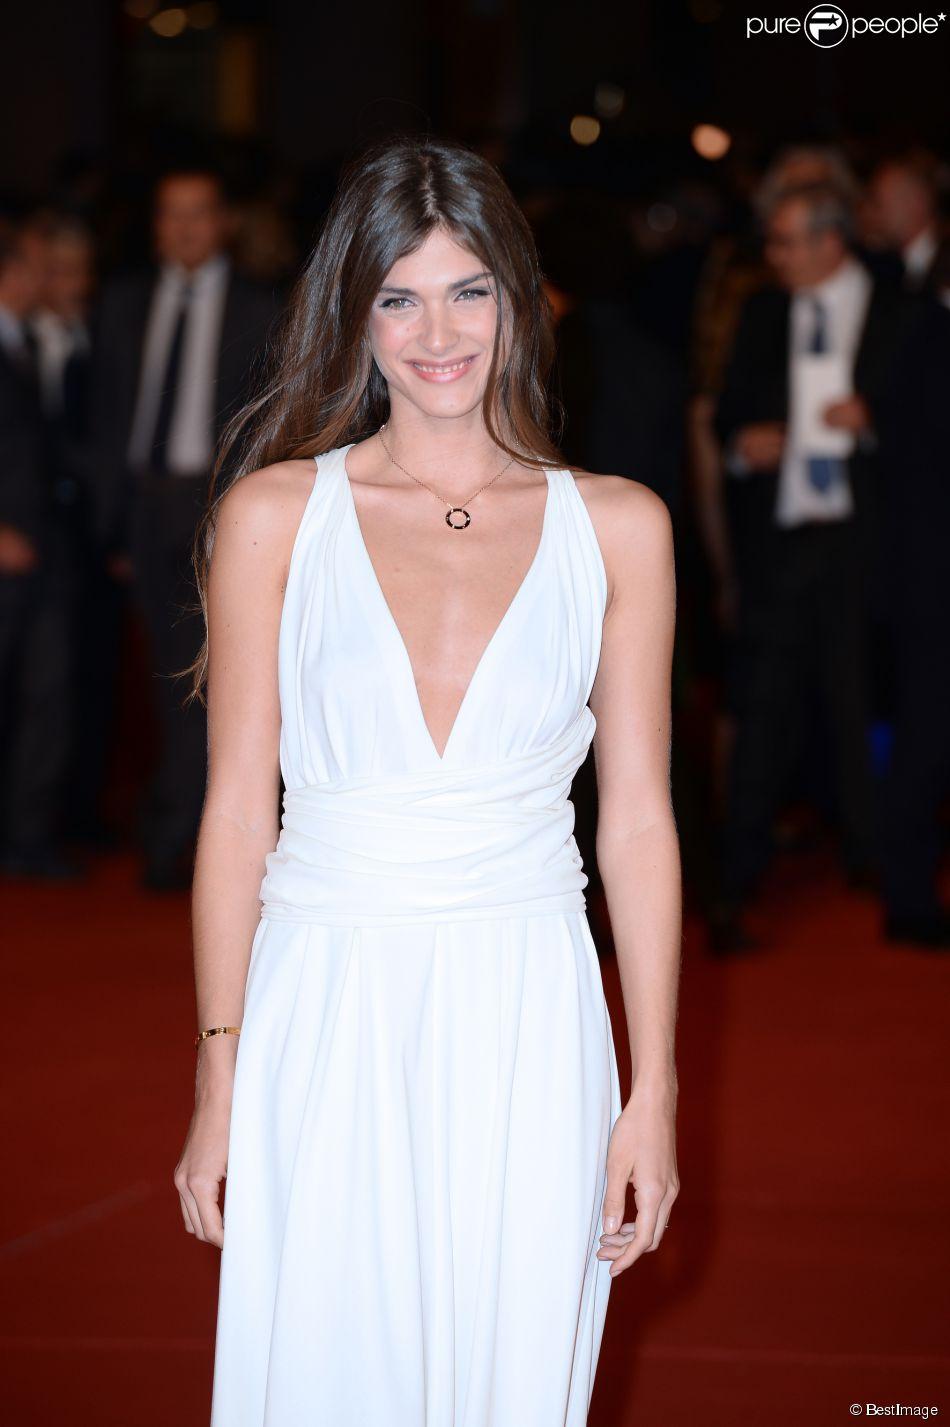 """Elisa Sednaoui à l'avant-première du film """"Soap Opera"""" lors de l'ouverture du festival du film de Rome le 16 octobre 2014"""